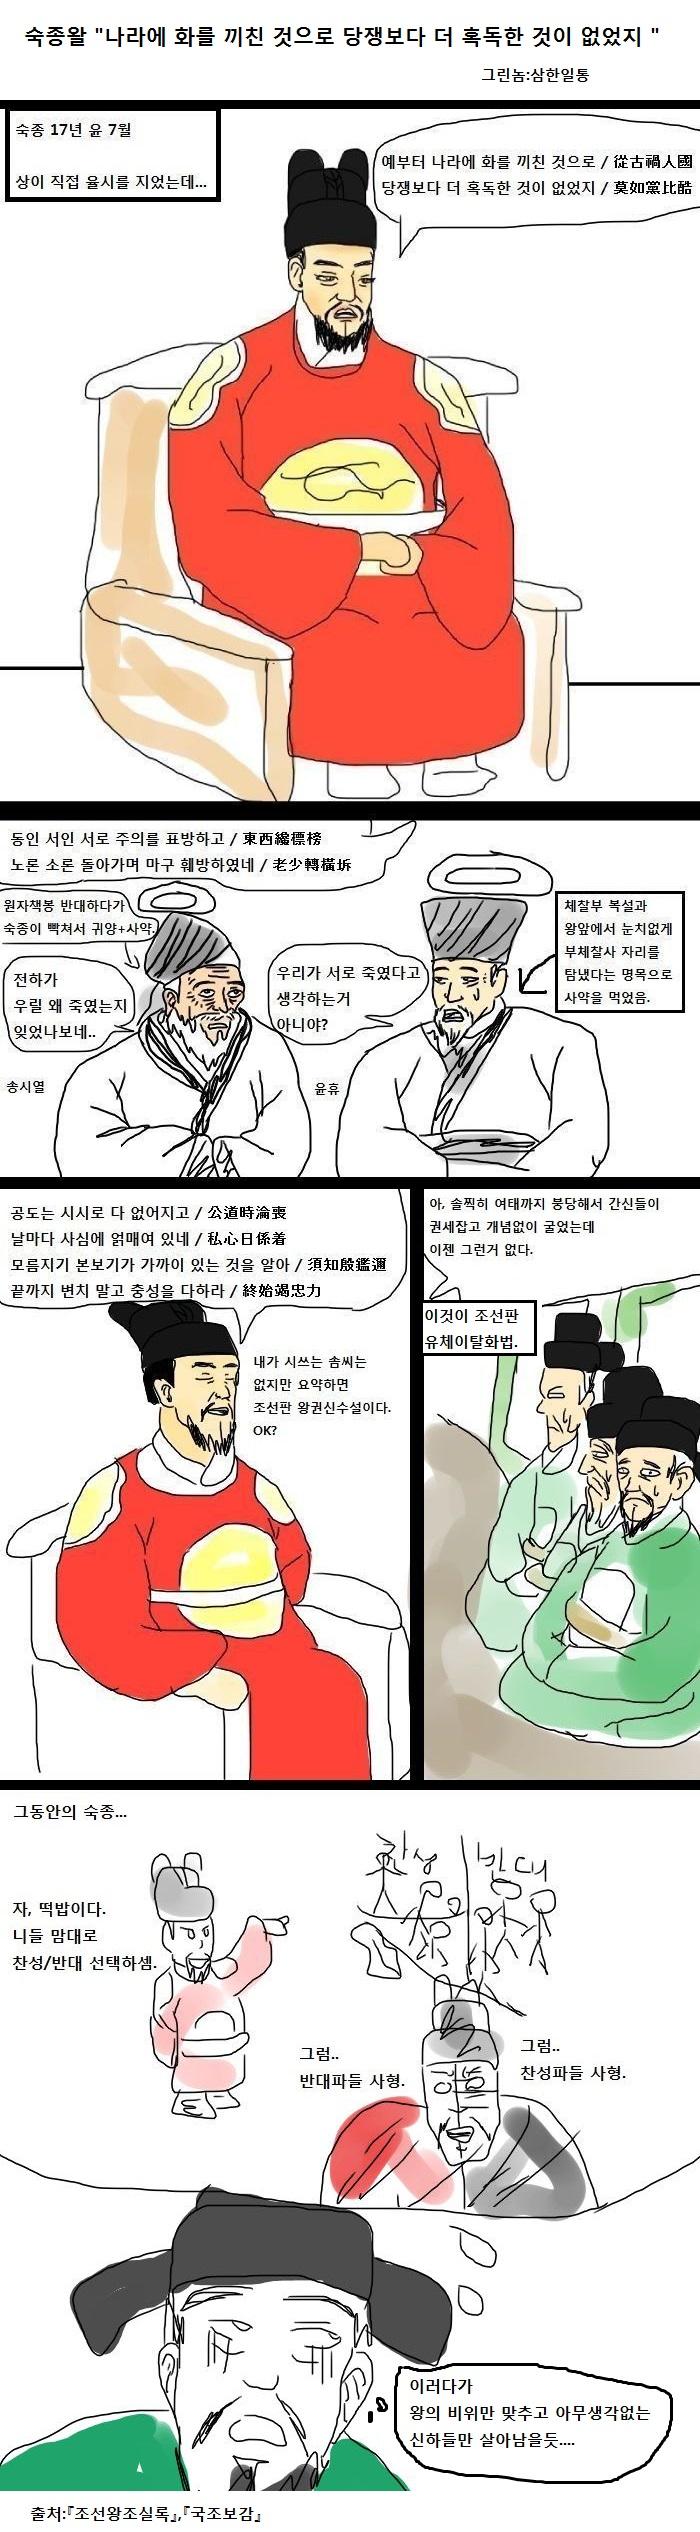 """삼한일통의 역사만화]숙종""""나라에 화를 끼친 것으로.."""